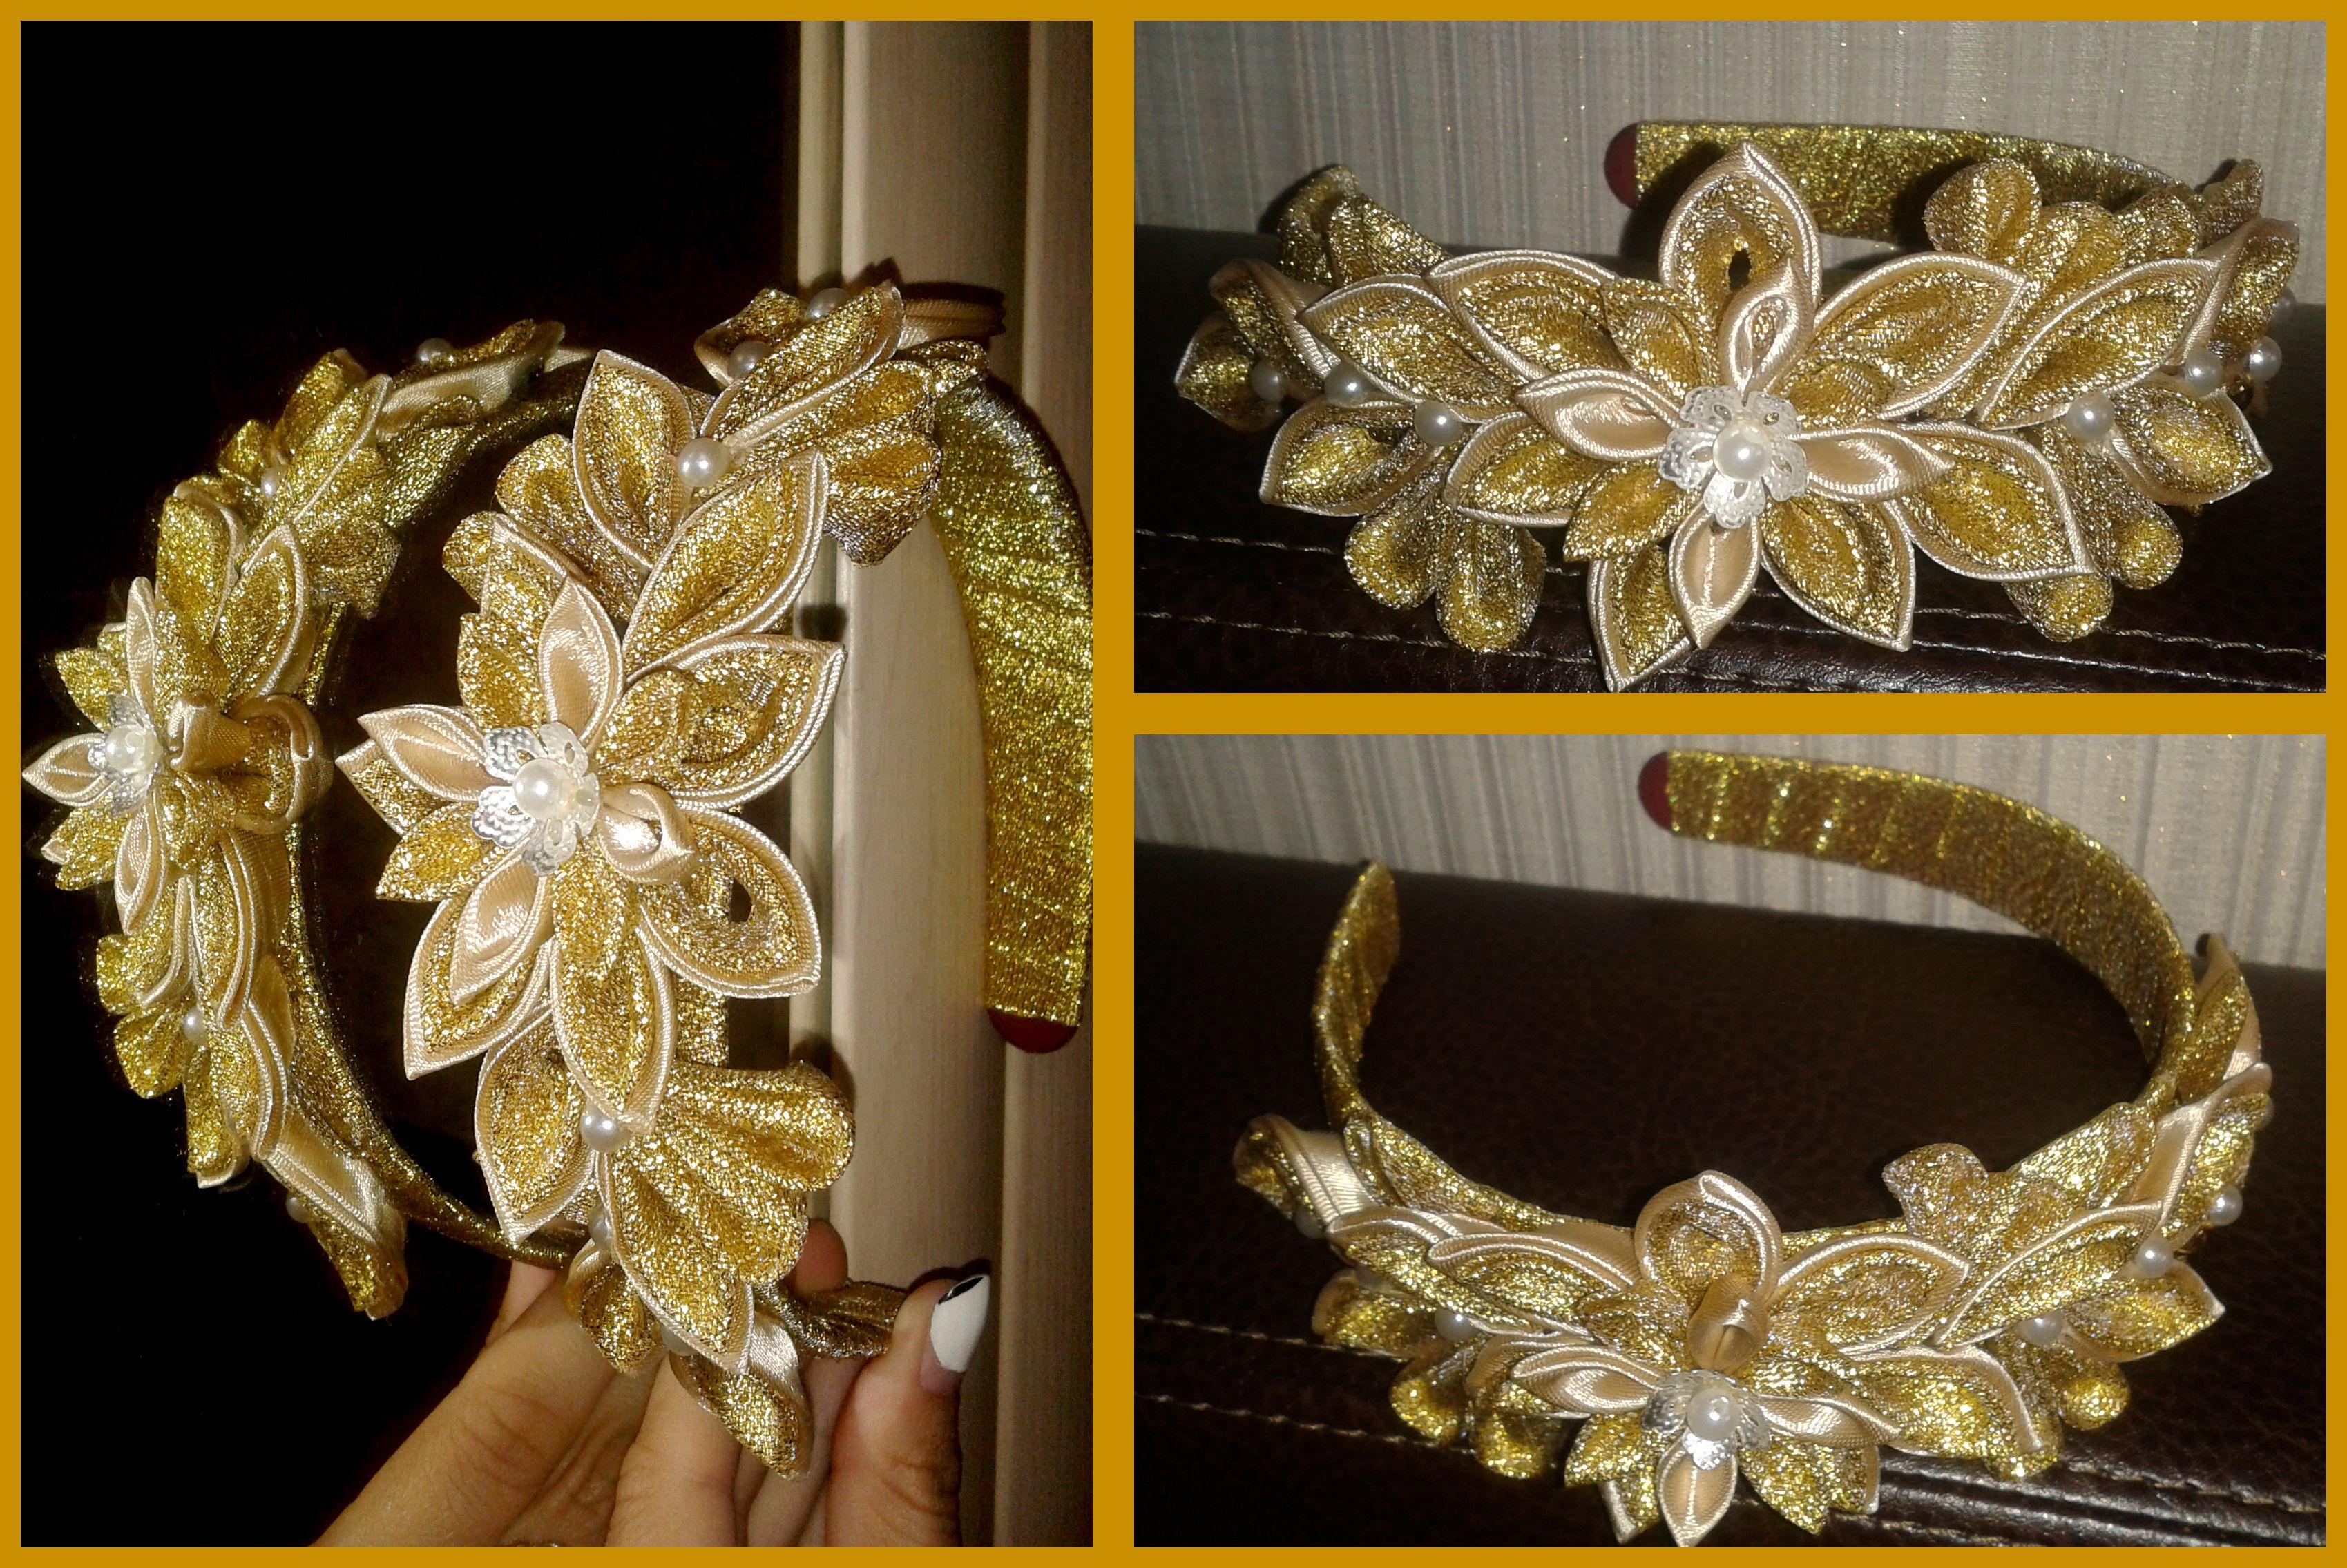 красивый парча золотой ободок атлас обруч канзаши цветы